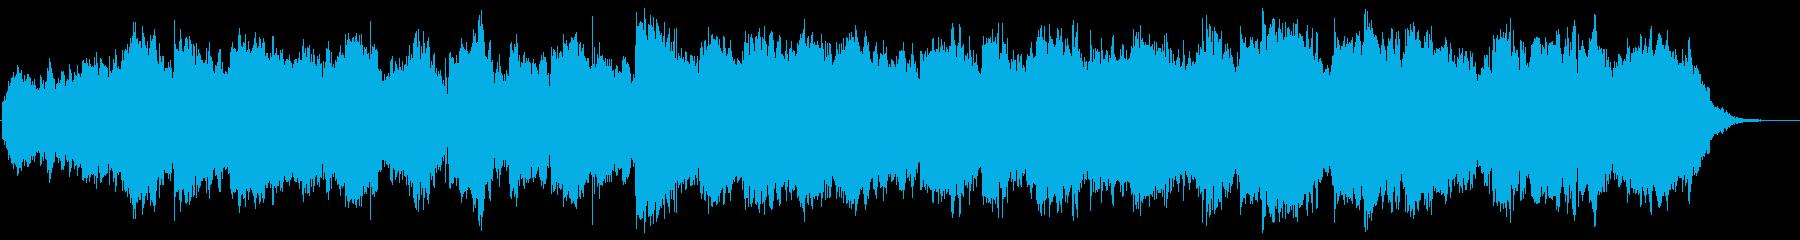 アンビエントミュージック エーテル...の再生済みの波形